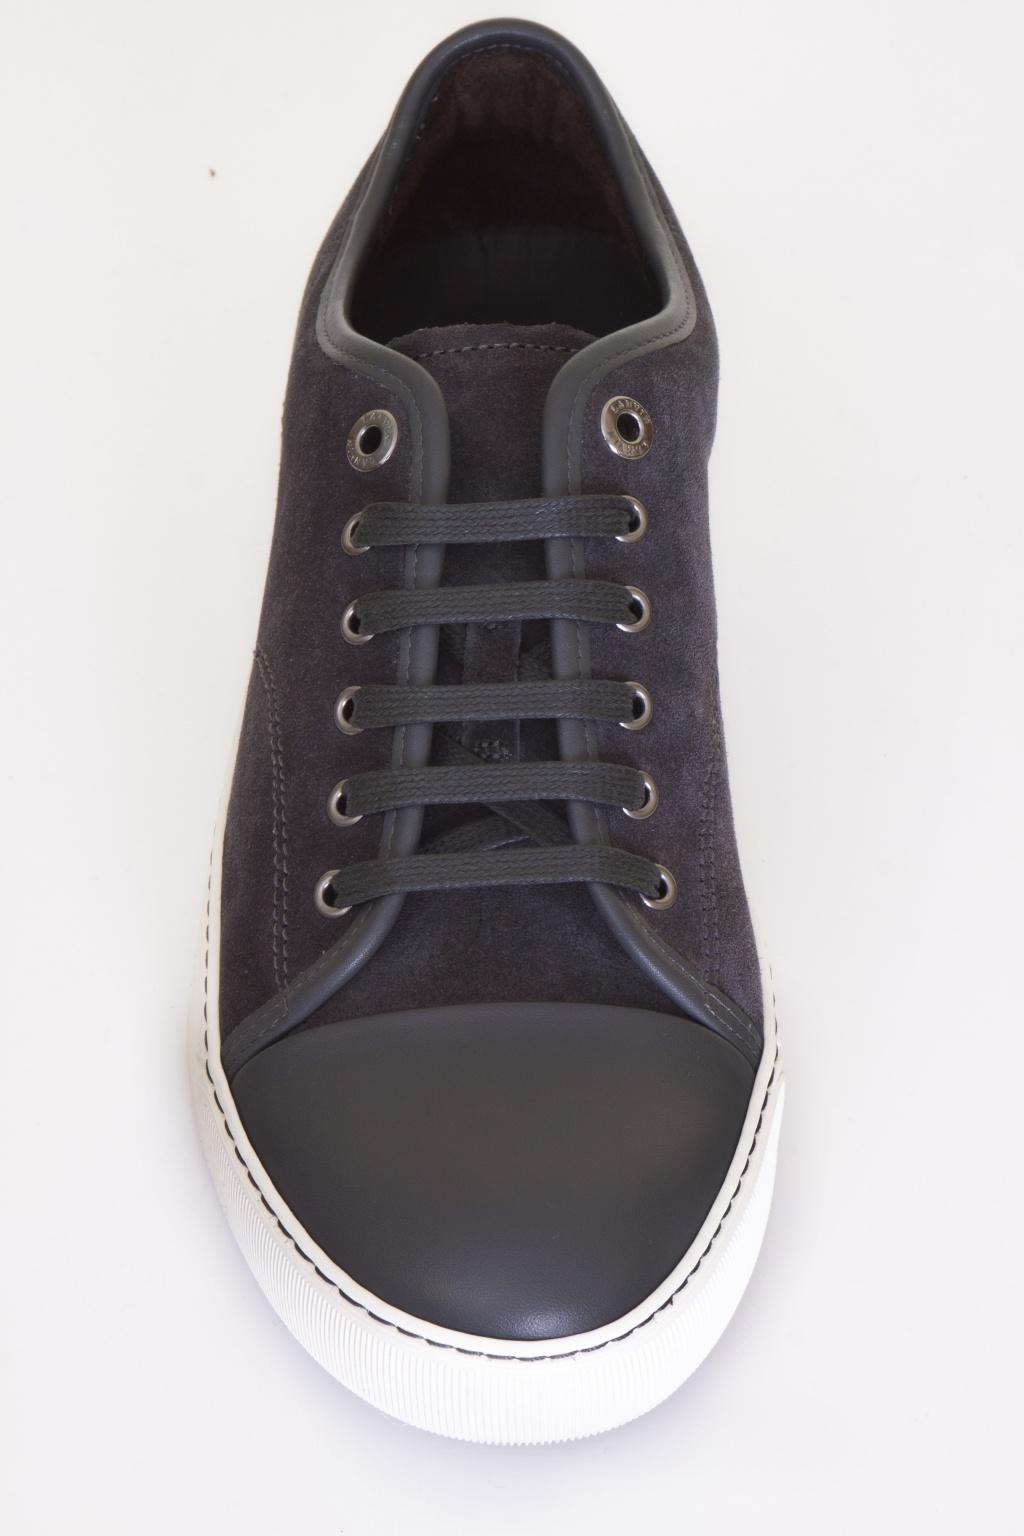 Lanvin 'DBB1' sneakers